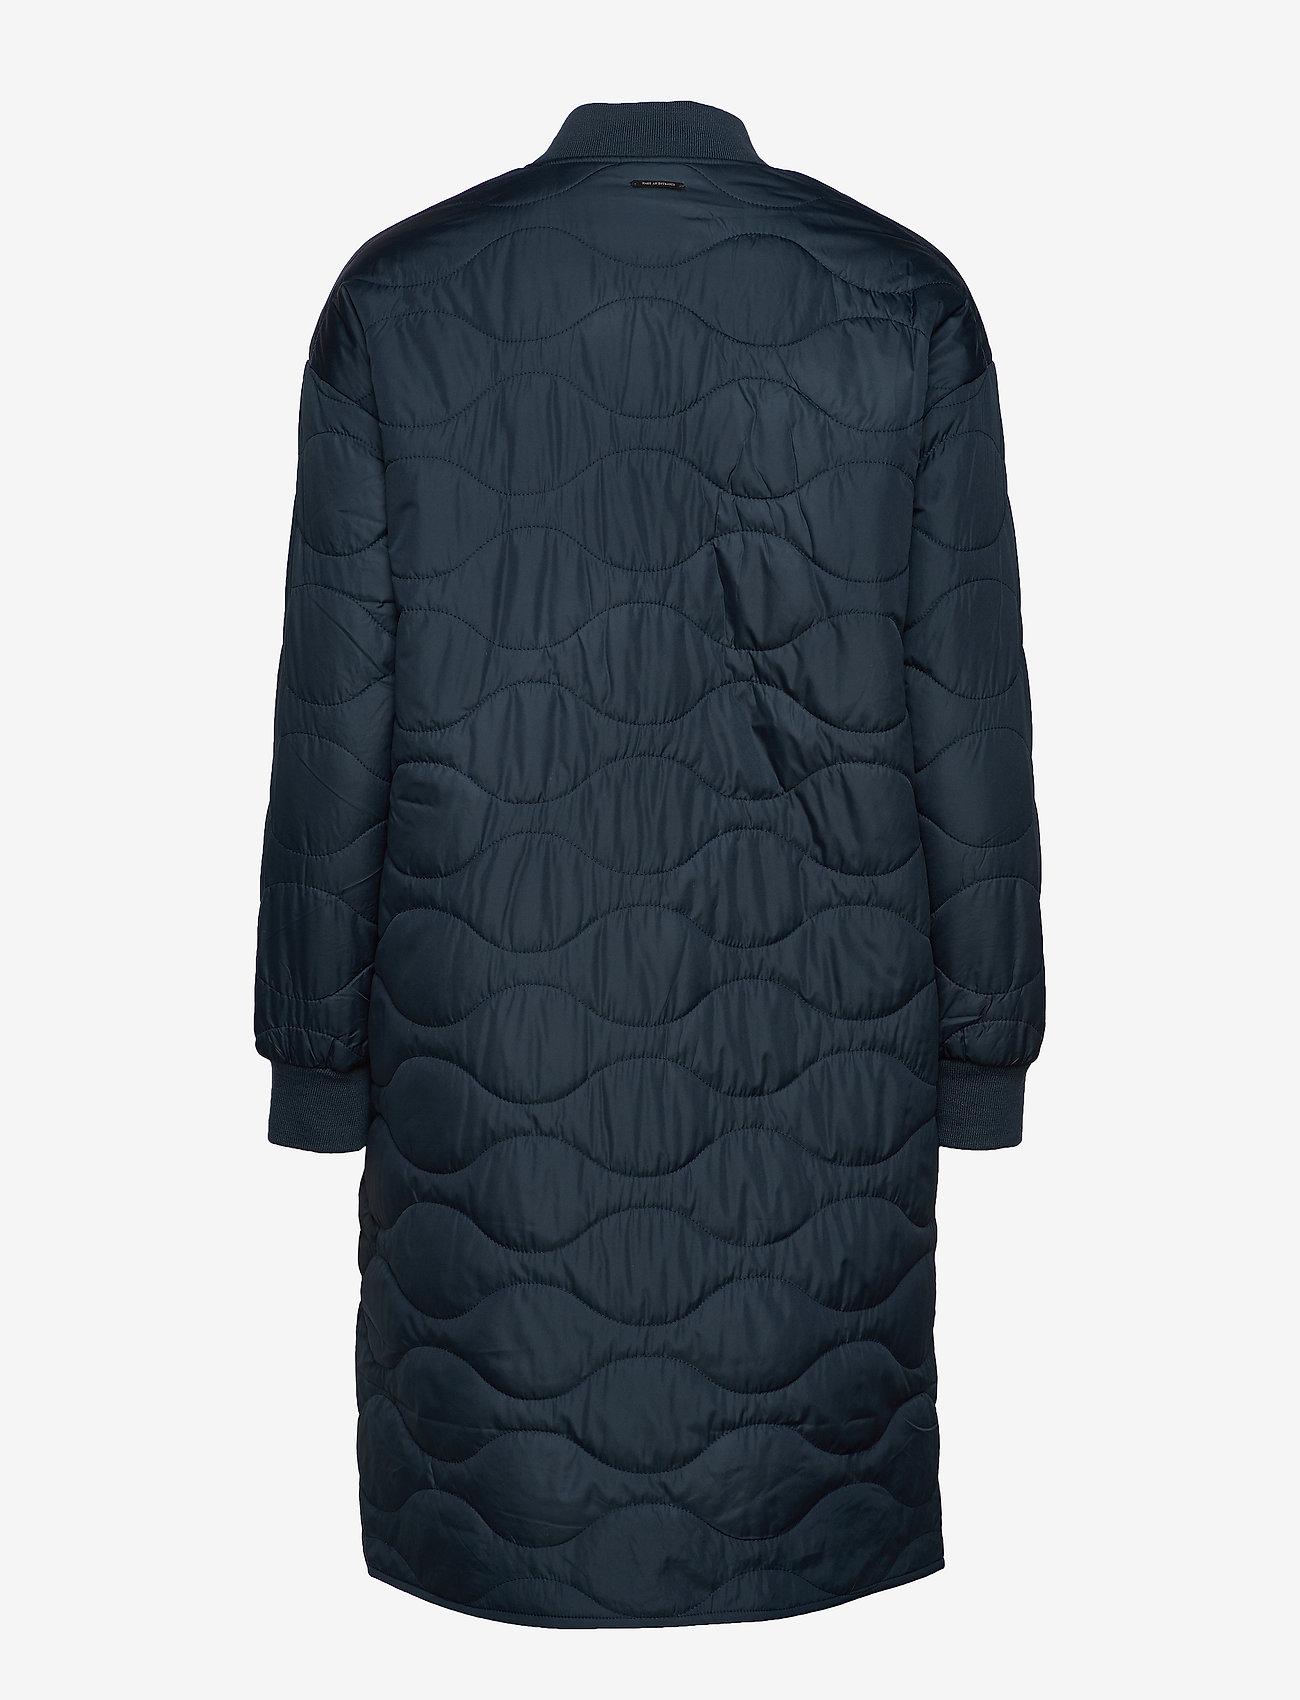 Numuaveril Jacket (Sapphire) - Nümph pMbN5s